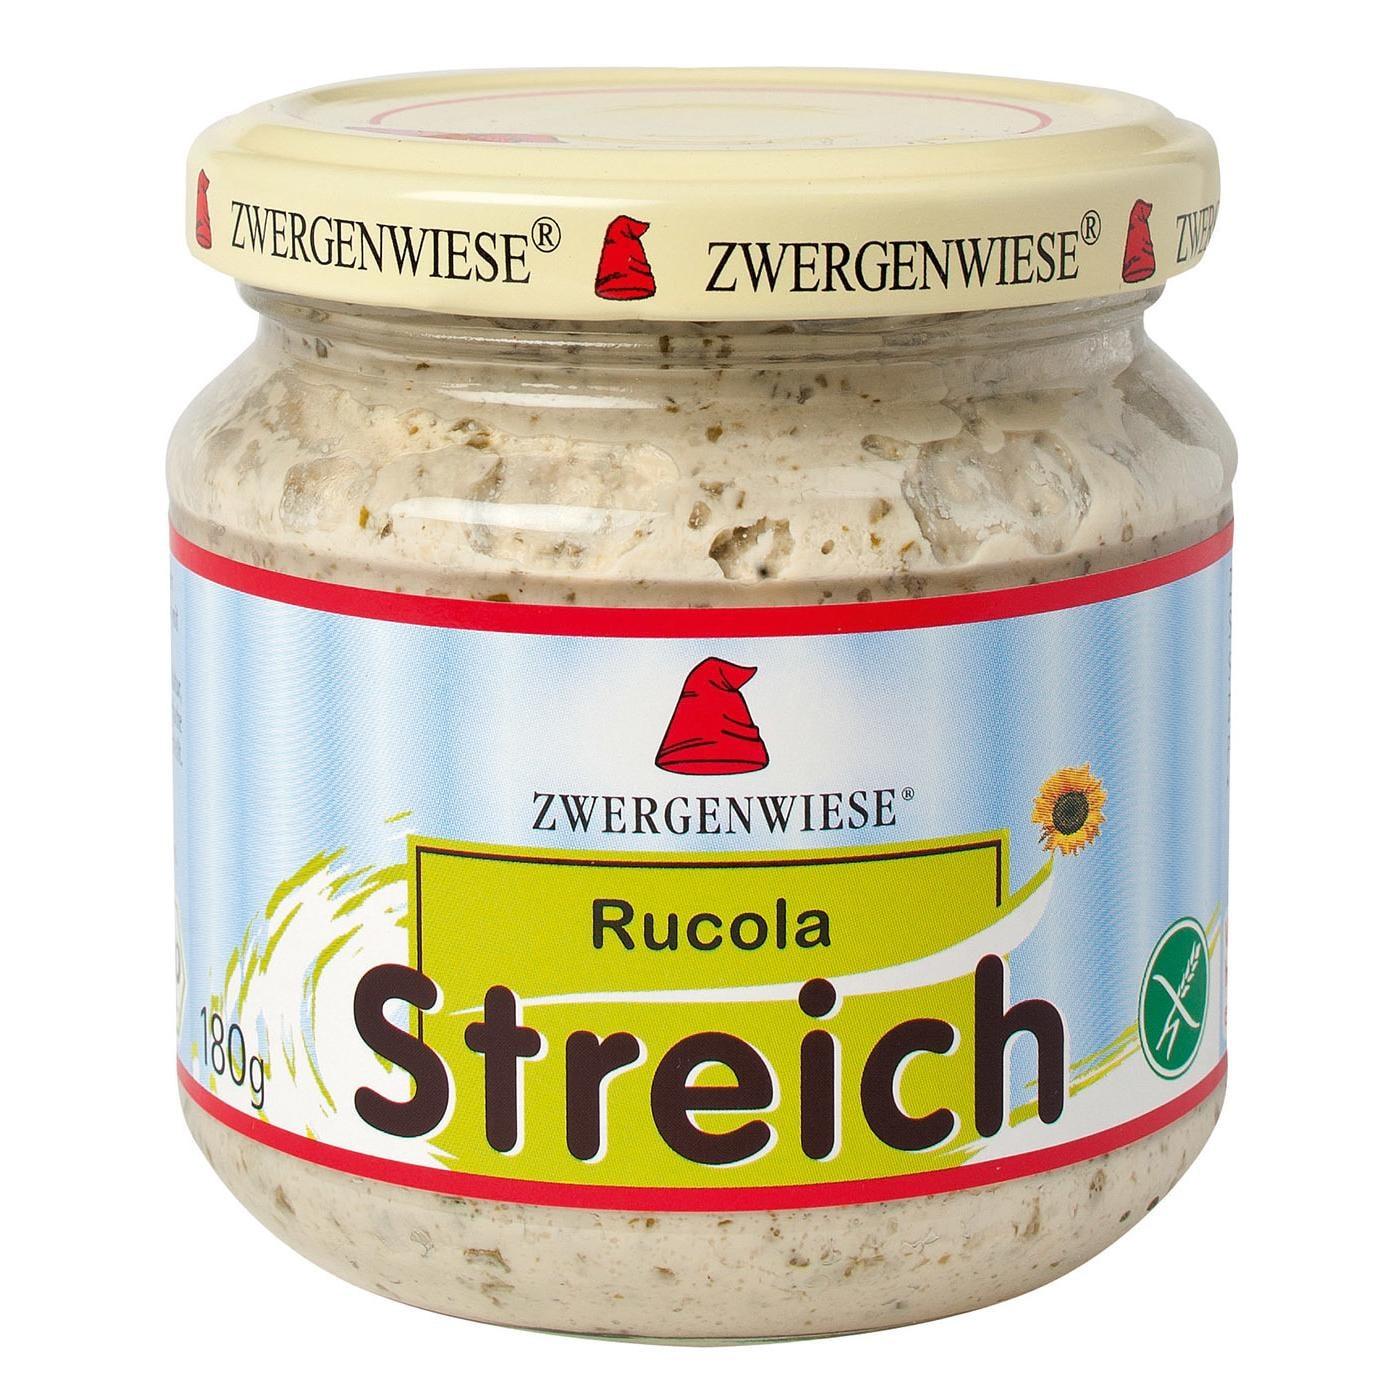 Zwergenwiese Bio Rucolastreich 180g